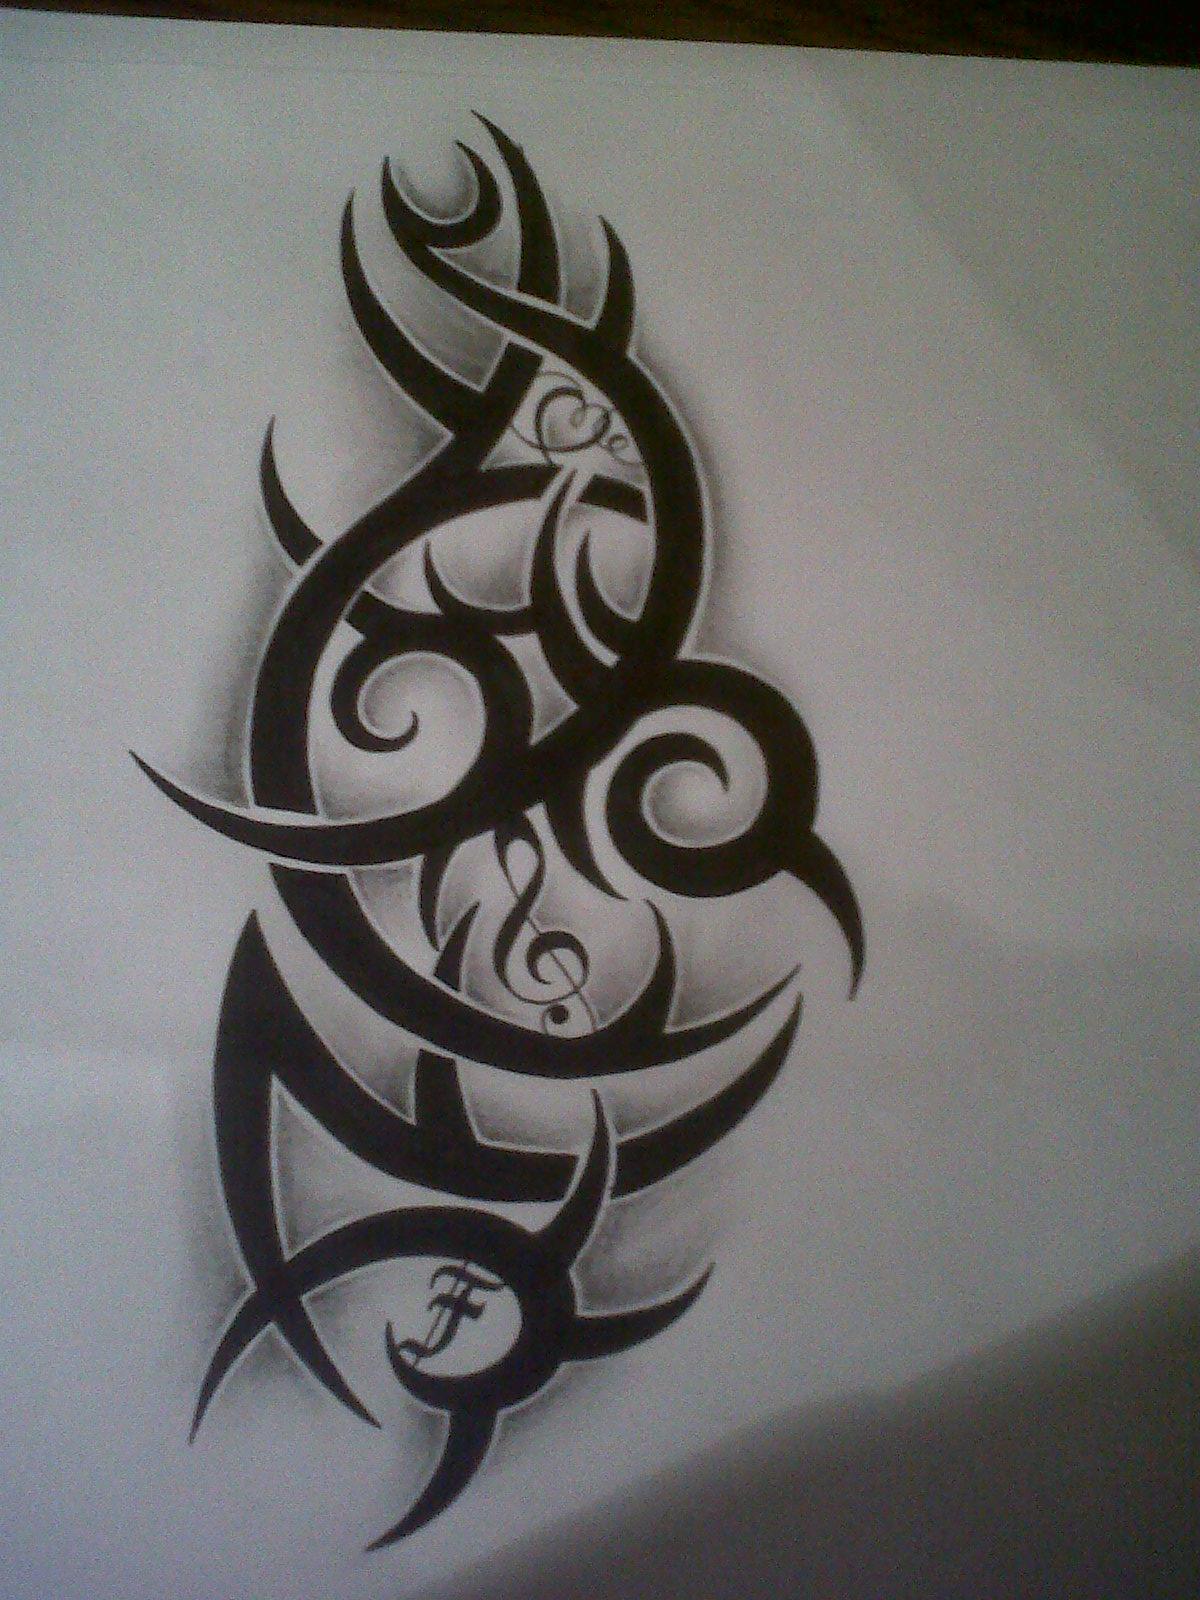 http://orig06.deviantart.net/0fc3/f/2012/042/f/b/tribal_tattoo_design_with_music_note_by_tattoosuzette-d4pd3f3.jpg Tribal Music Tattoo Designs